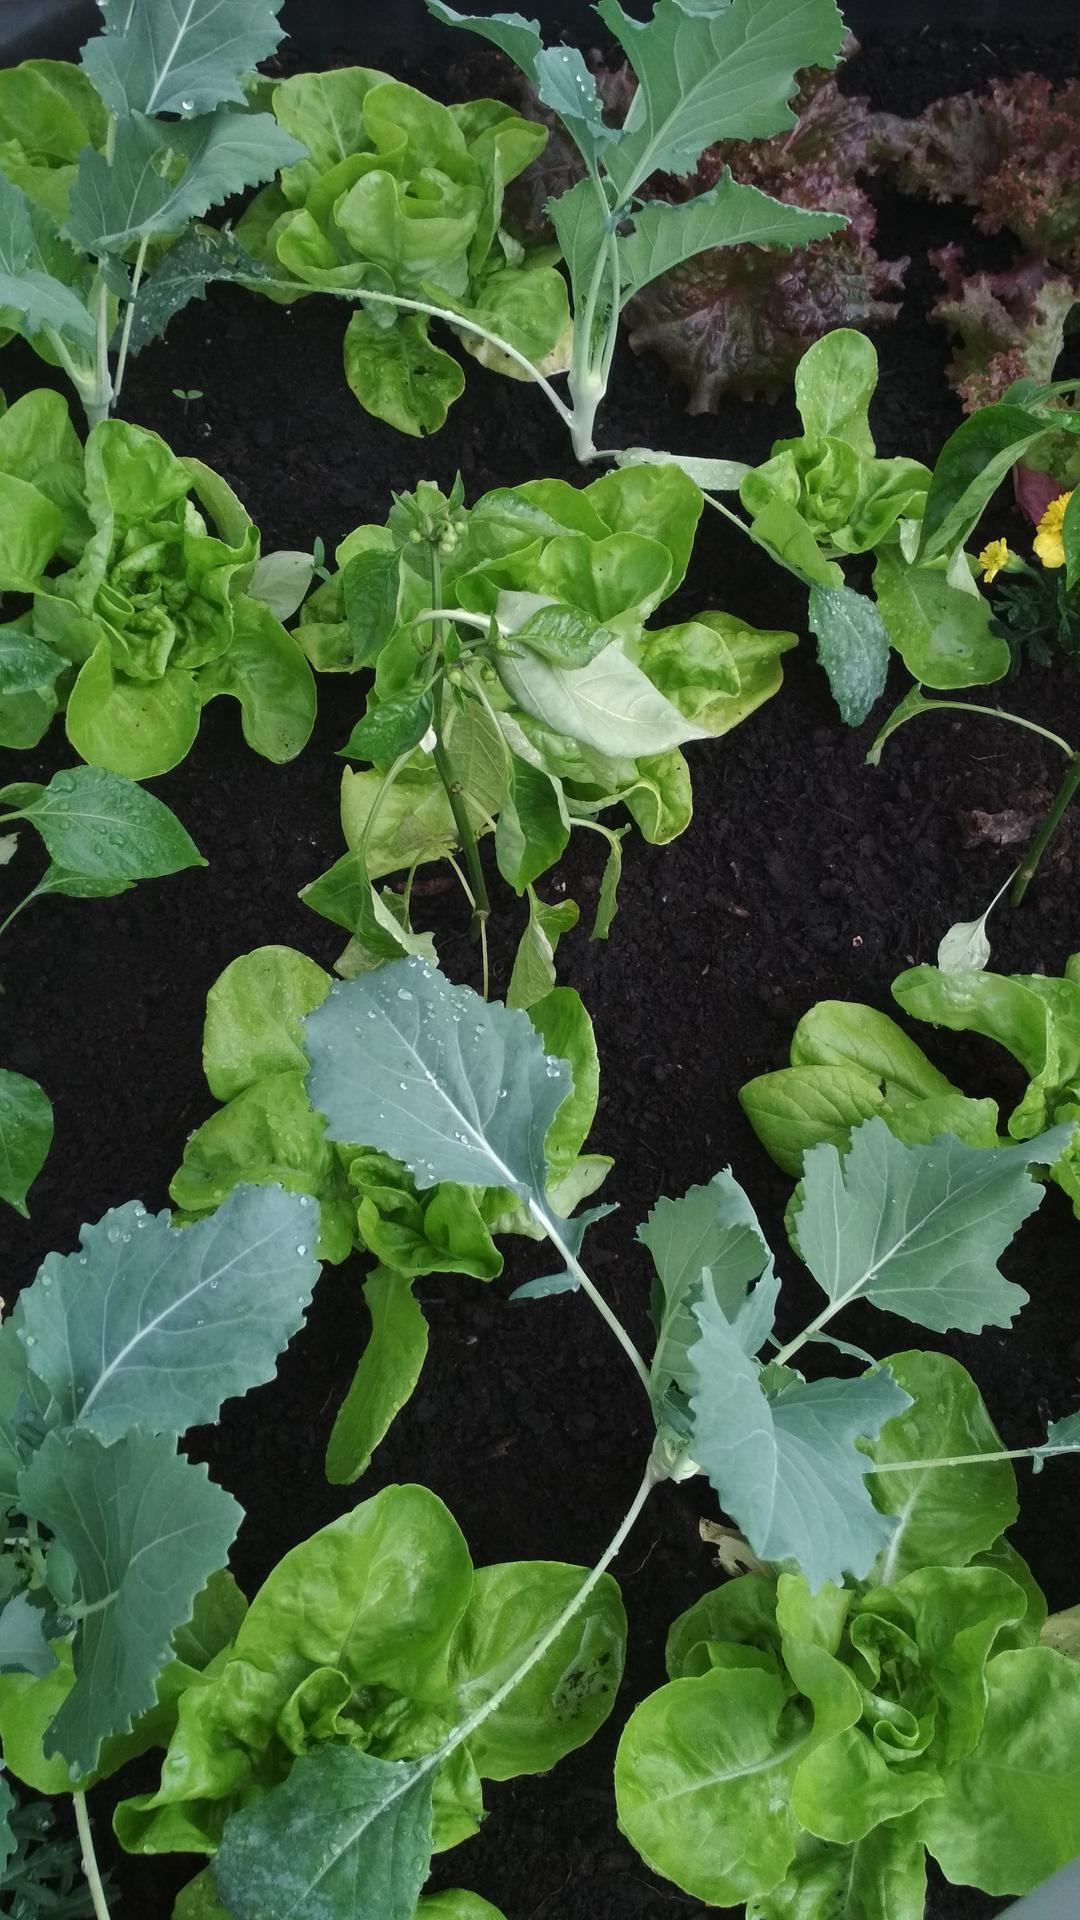 Vyvýšené záhony a úžitková záhrada - sezóna 2021 ... príprava, sadenie, starostlivosť - Obrázok č. 40